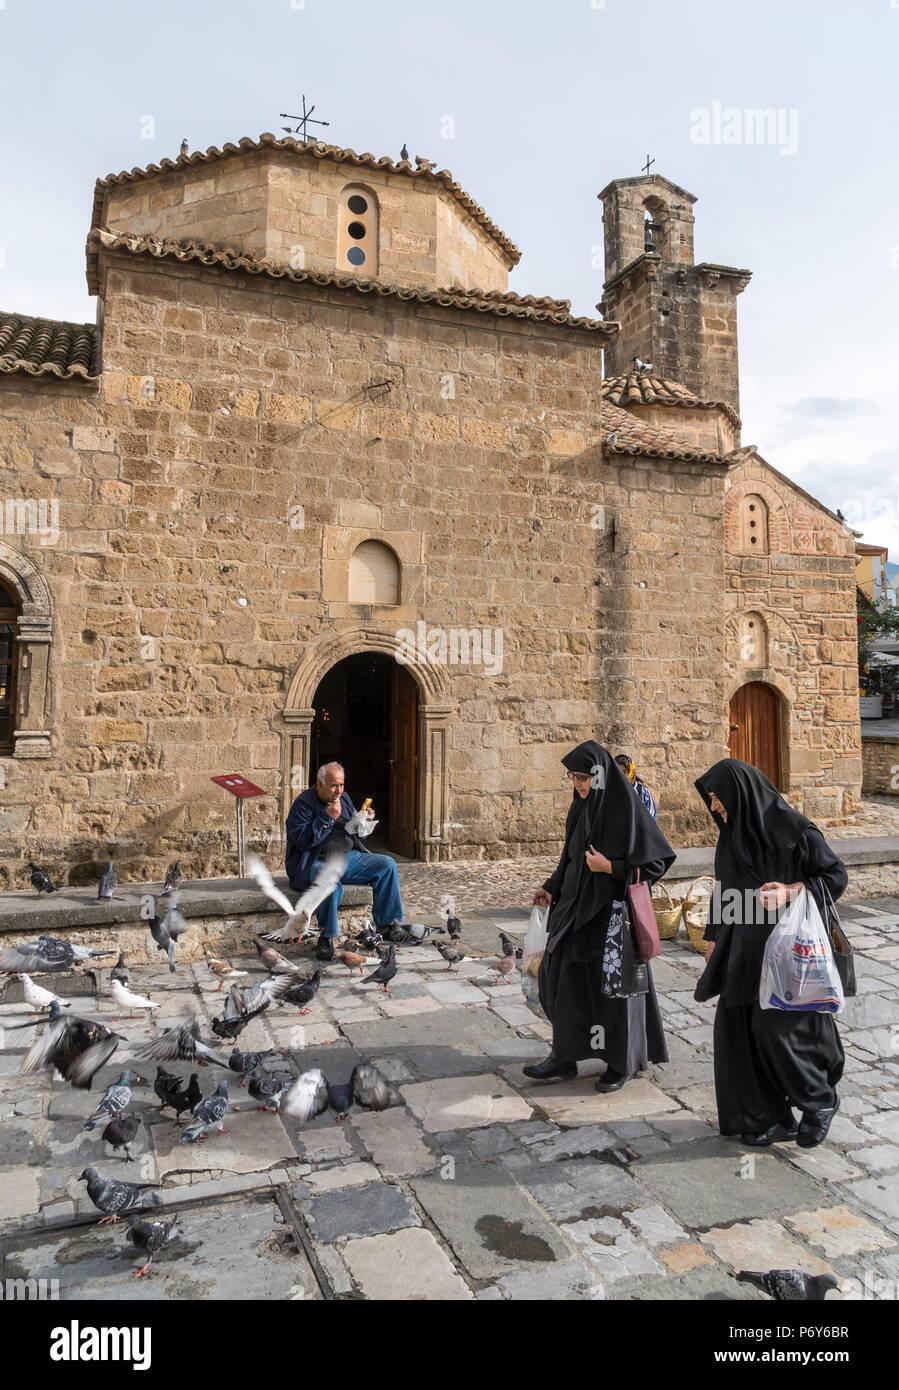 El siglo XIII la iglesia bizantina de Agii Apostoli en el Old Quarter de Kalamata. La Guerra de Independencia griega fue declarado oficialmente aquí el 23 de marzo Foto de stock